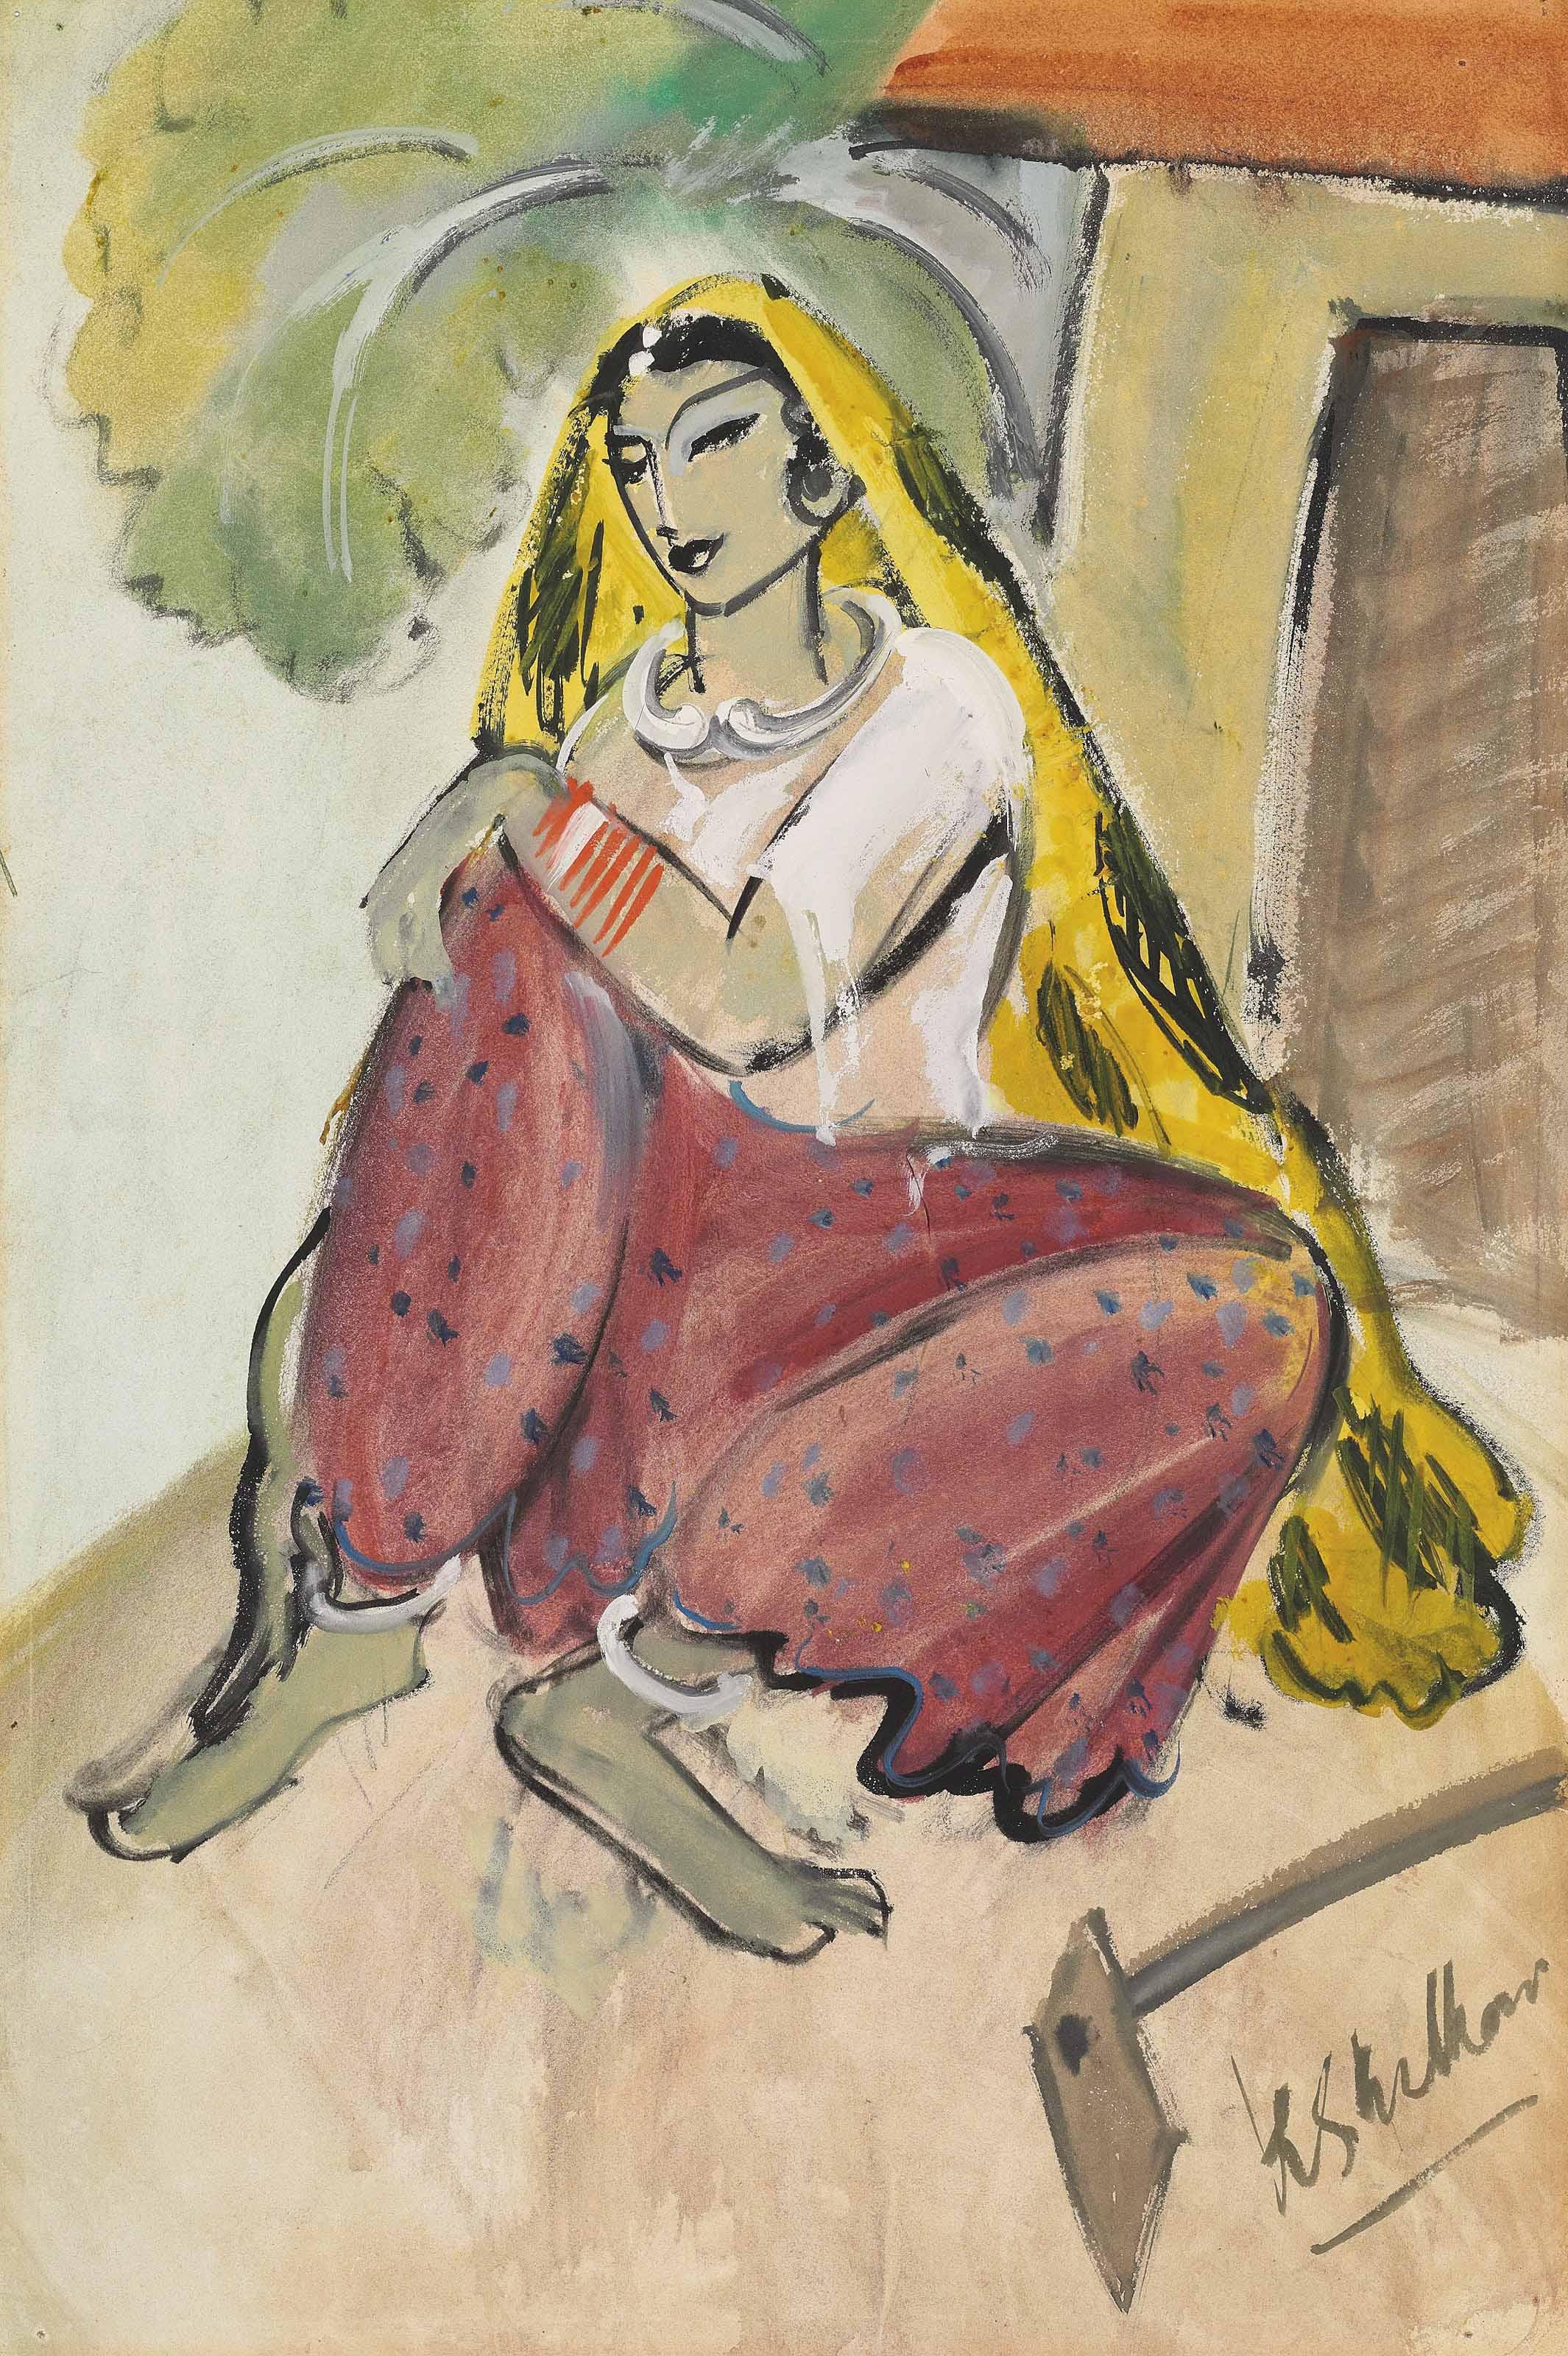 KRISHNA SHAMRAO KULKARNI (1916